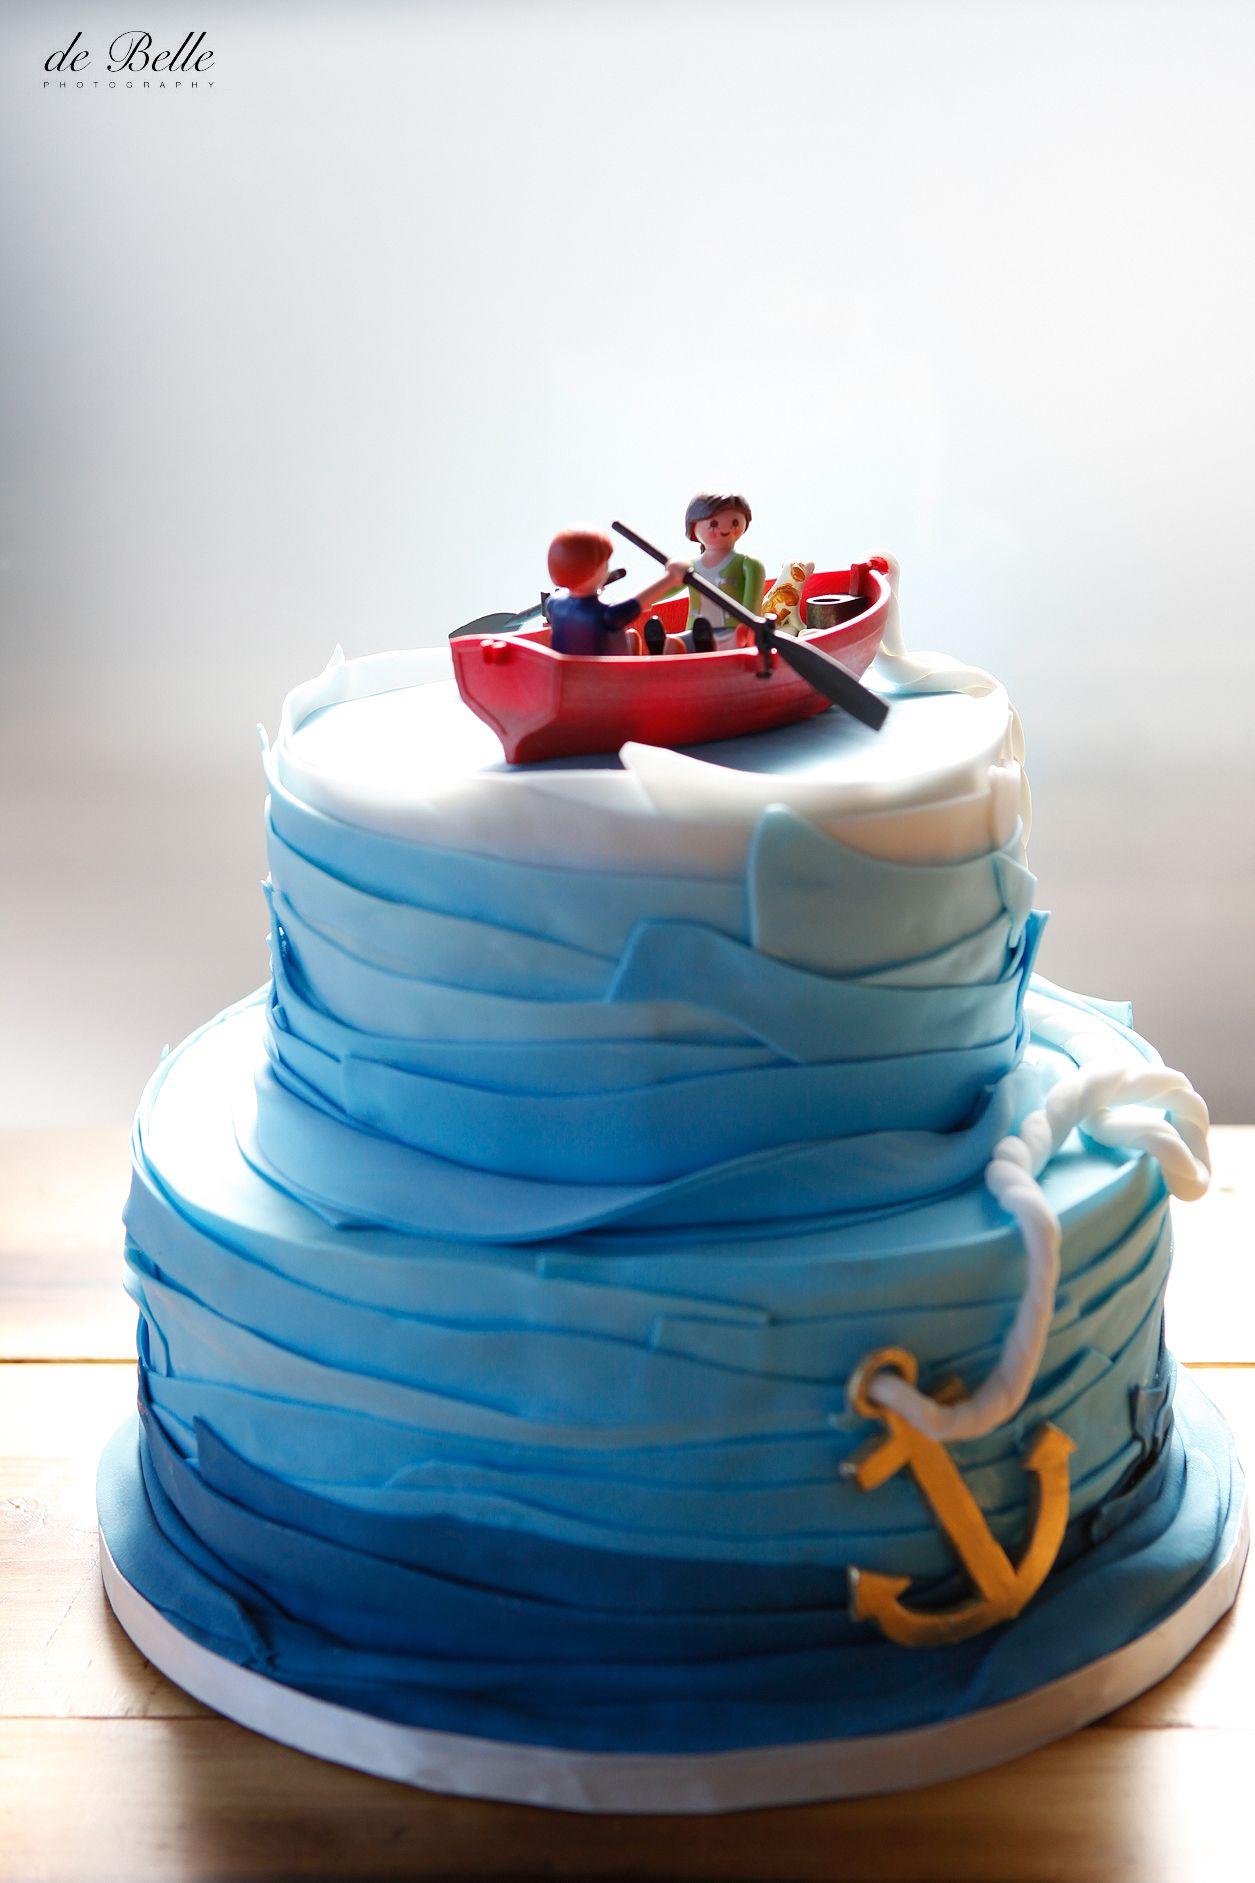 Yacht wedding decoration ideas  Rowing boat  CAKE YUMMY  Pinterest  Wedding cake and Weddings